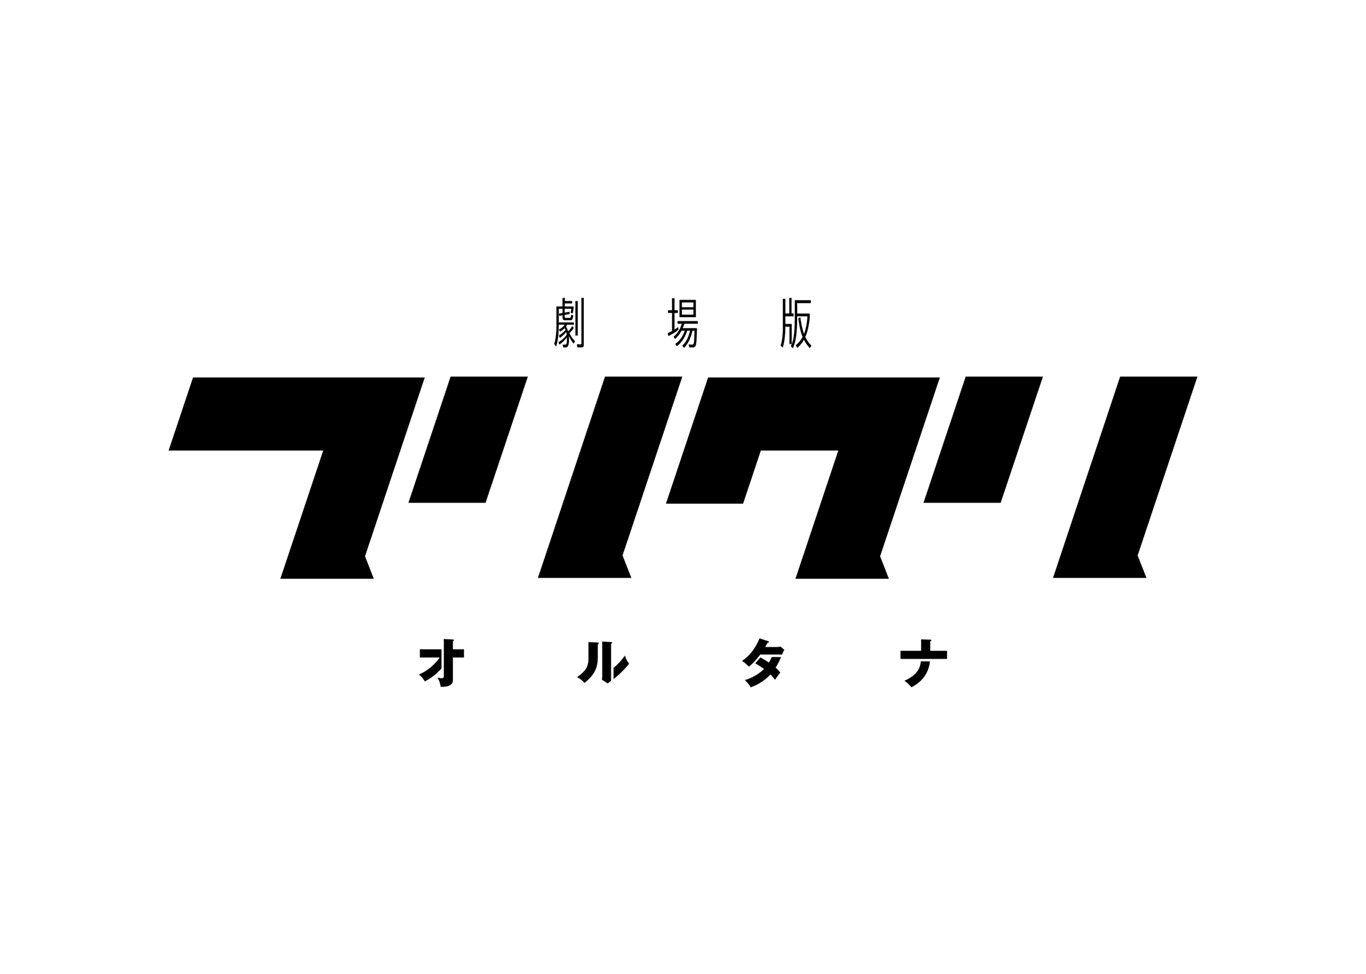 草野 剛 tsuyoshi kusano on type font letter pinterest logo